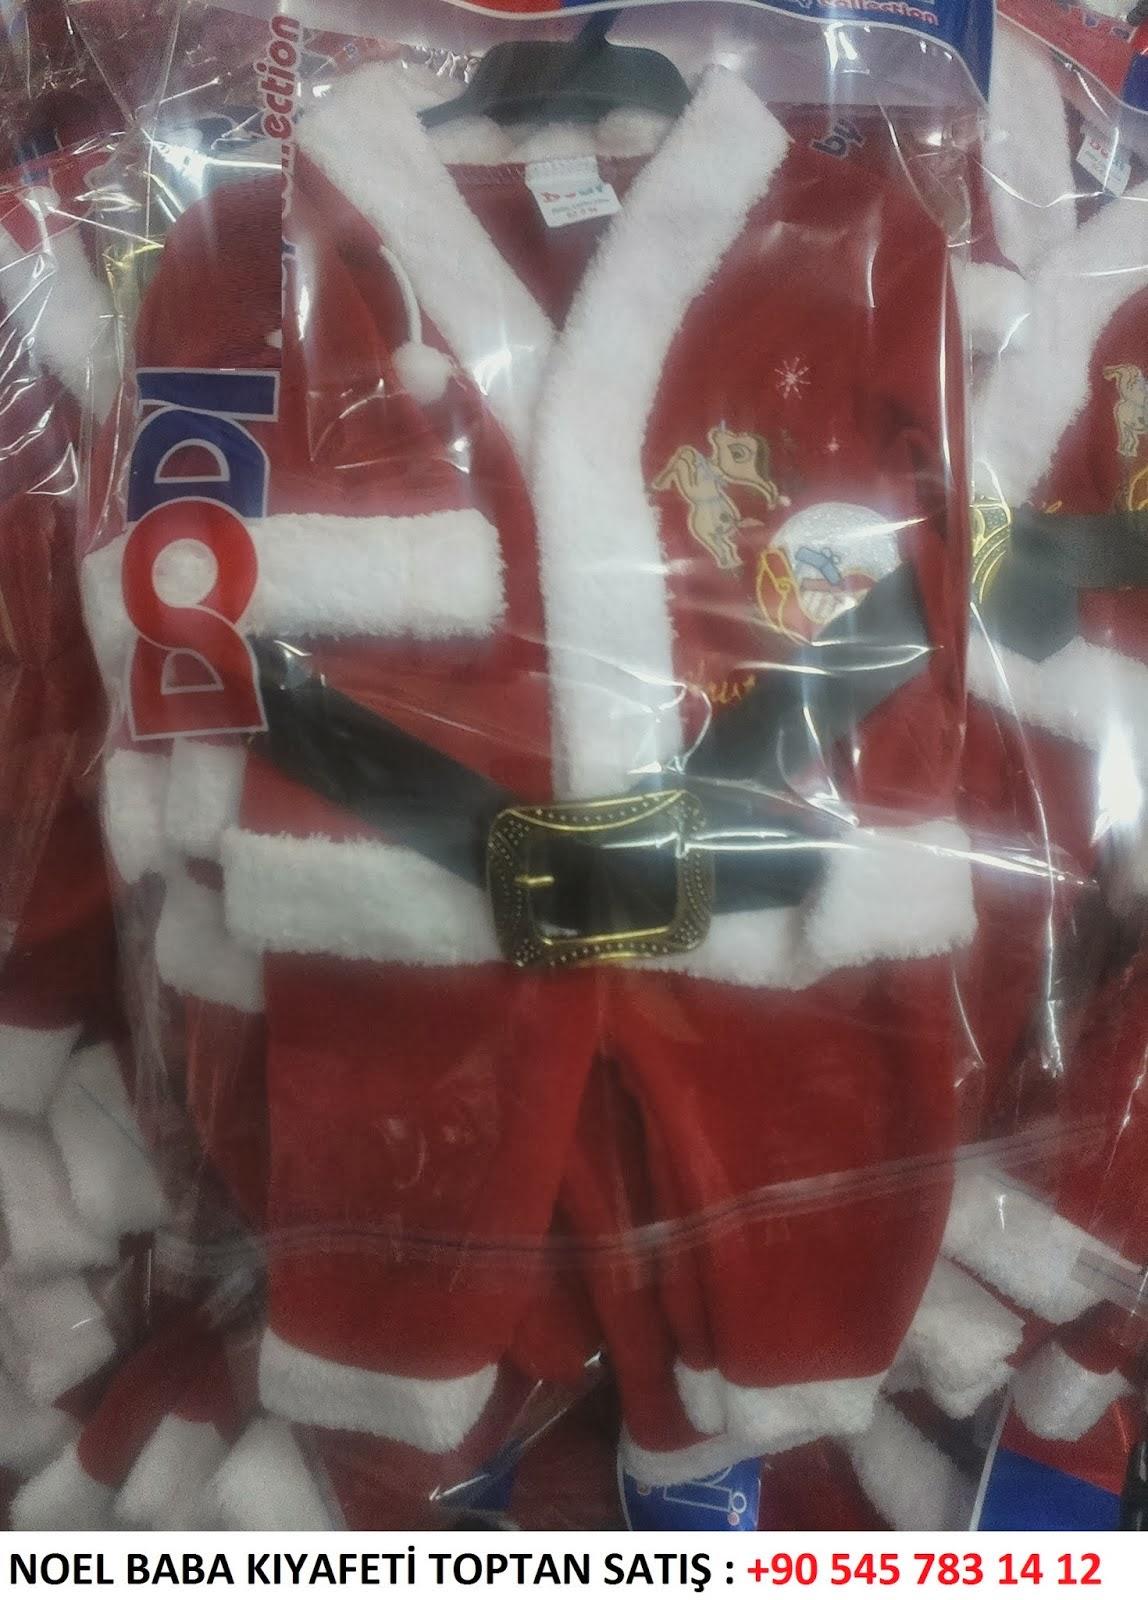 toptan satış noel baba kıyafetleri